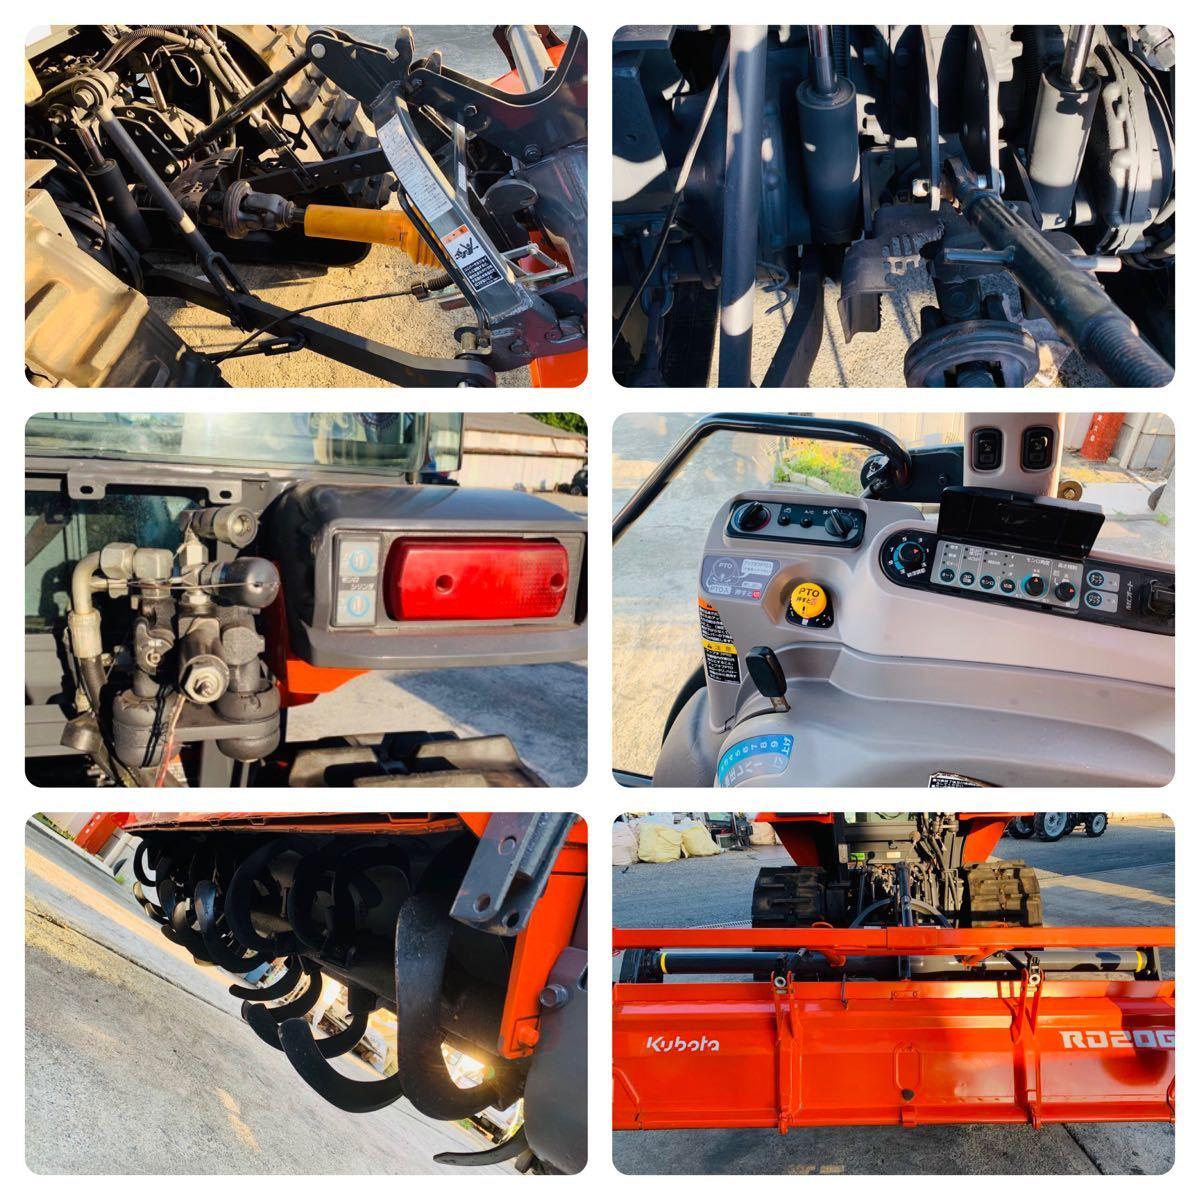 クボタ トラクターKL505 ハイスピード エアコンキャビン付き 高速パワクロ 50馬力 。_画像10